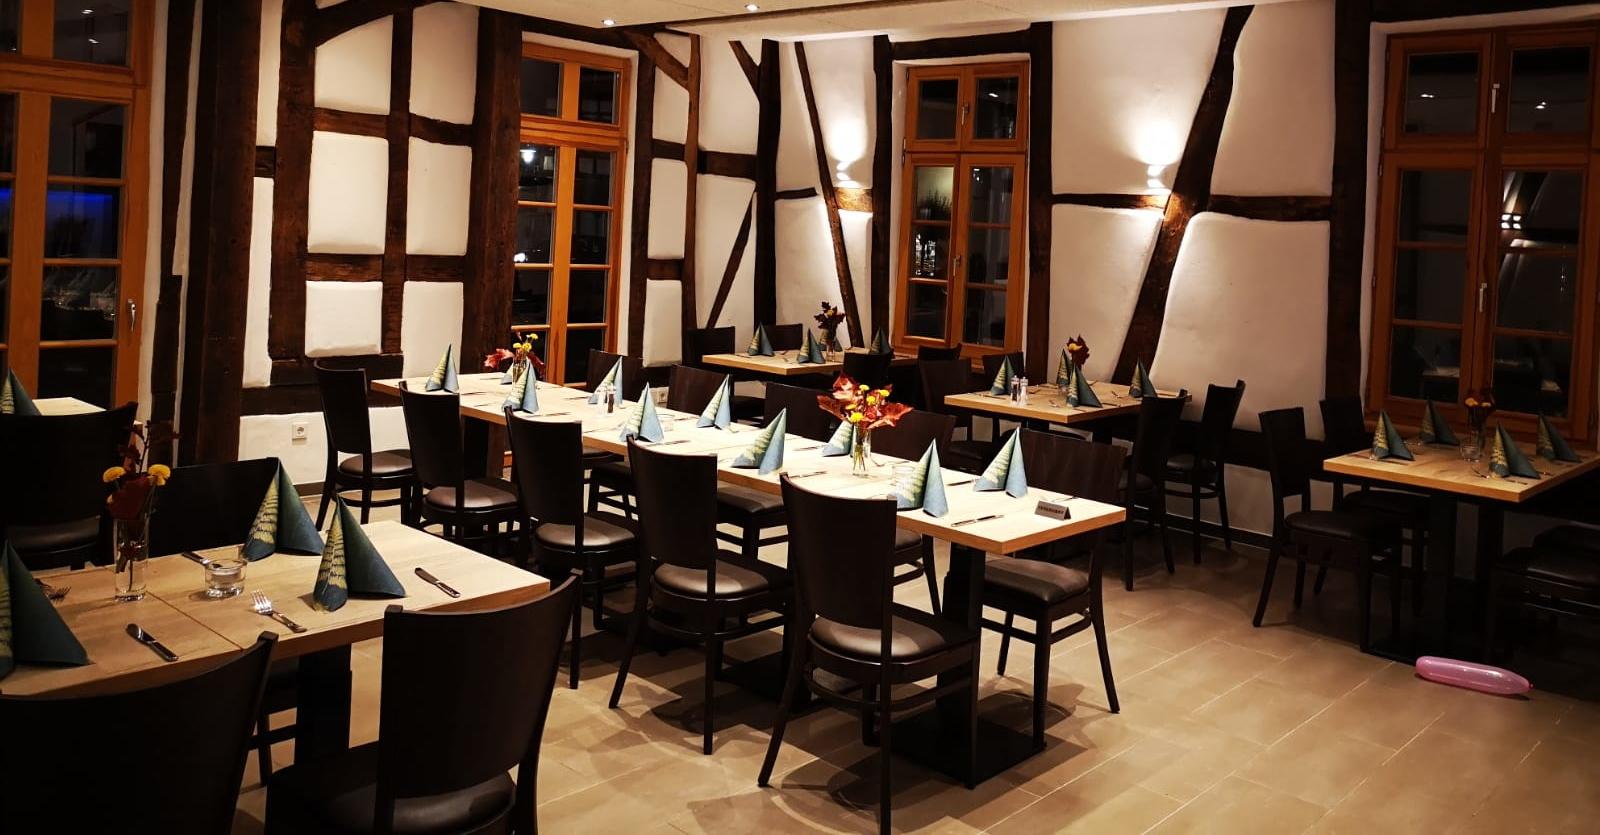 Öffnungszeiten schützenhaus bad camberg Schützenhaus Bad